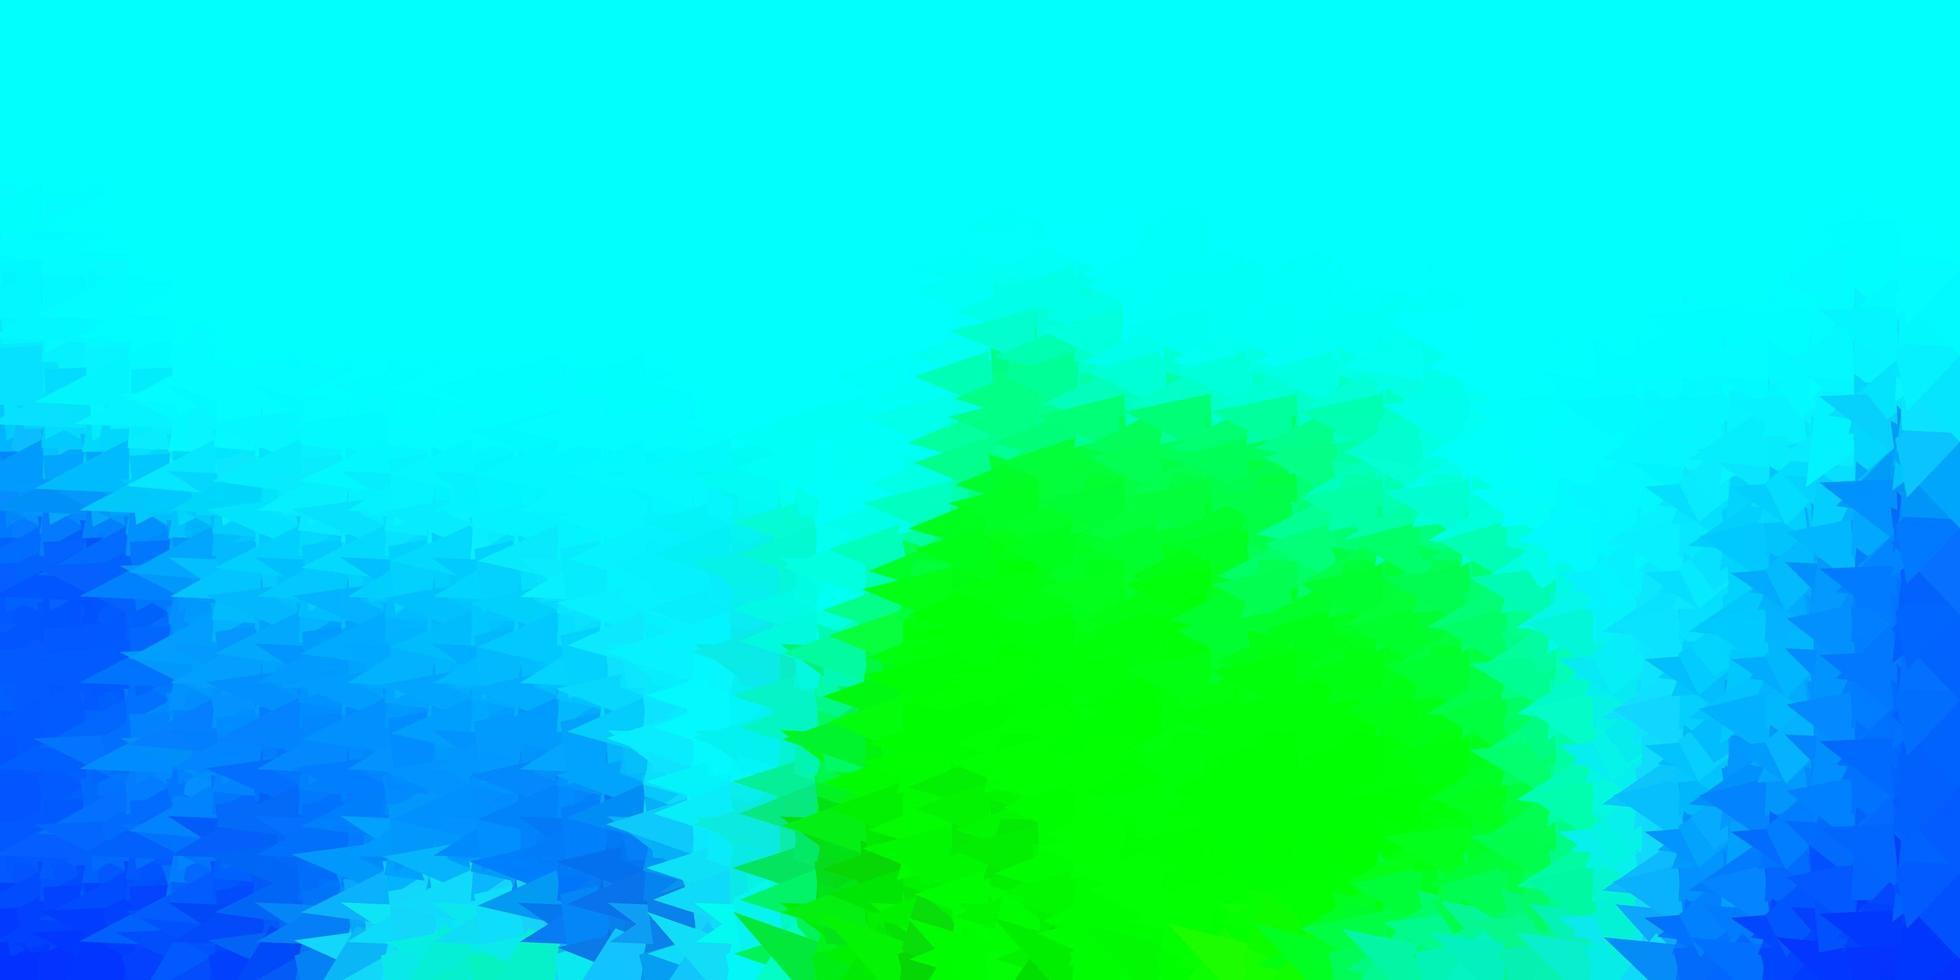 modello poligonale vettoriale azzurro, verde.